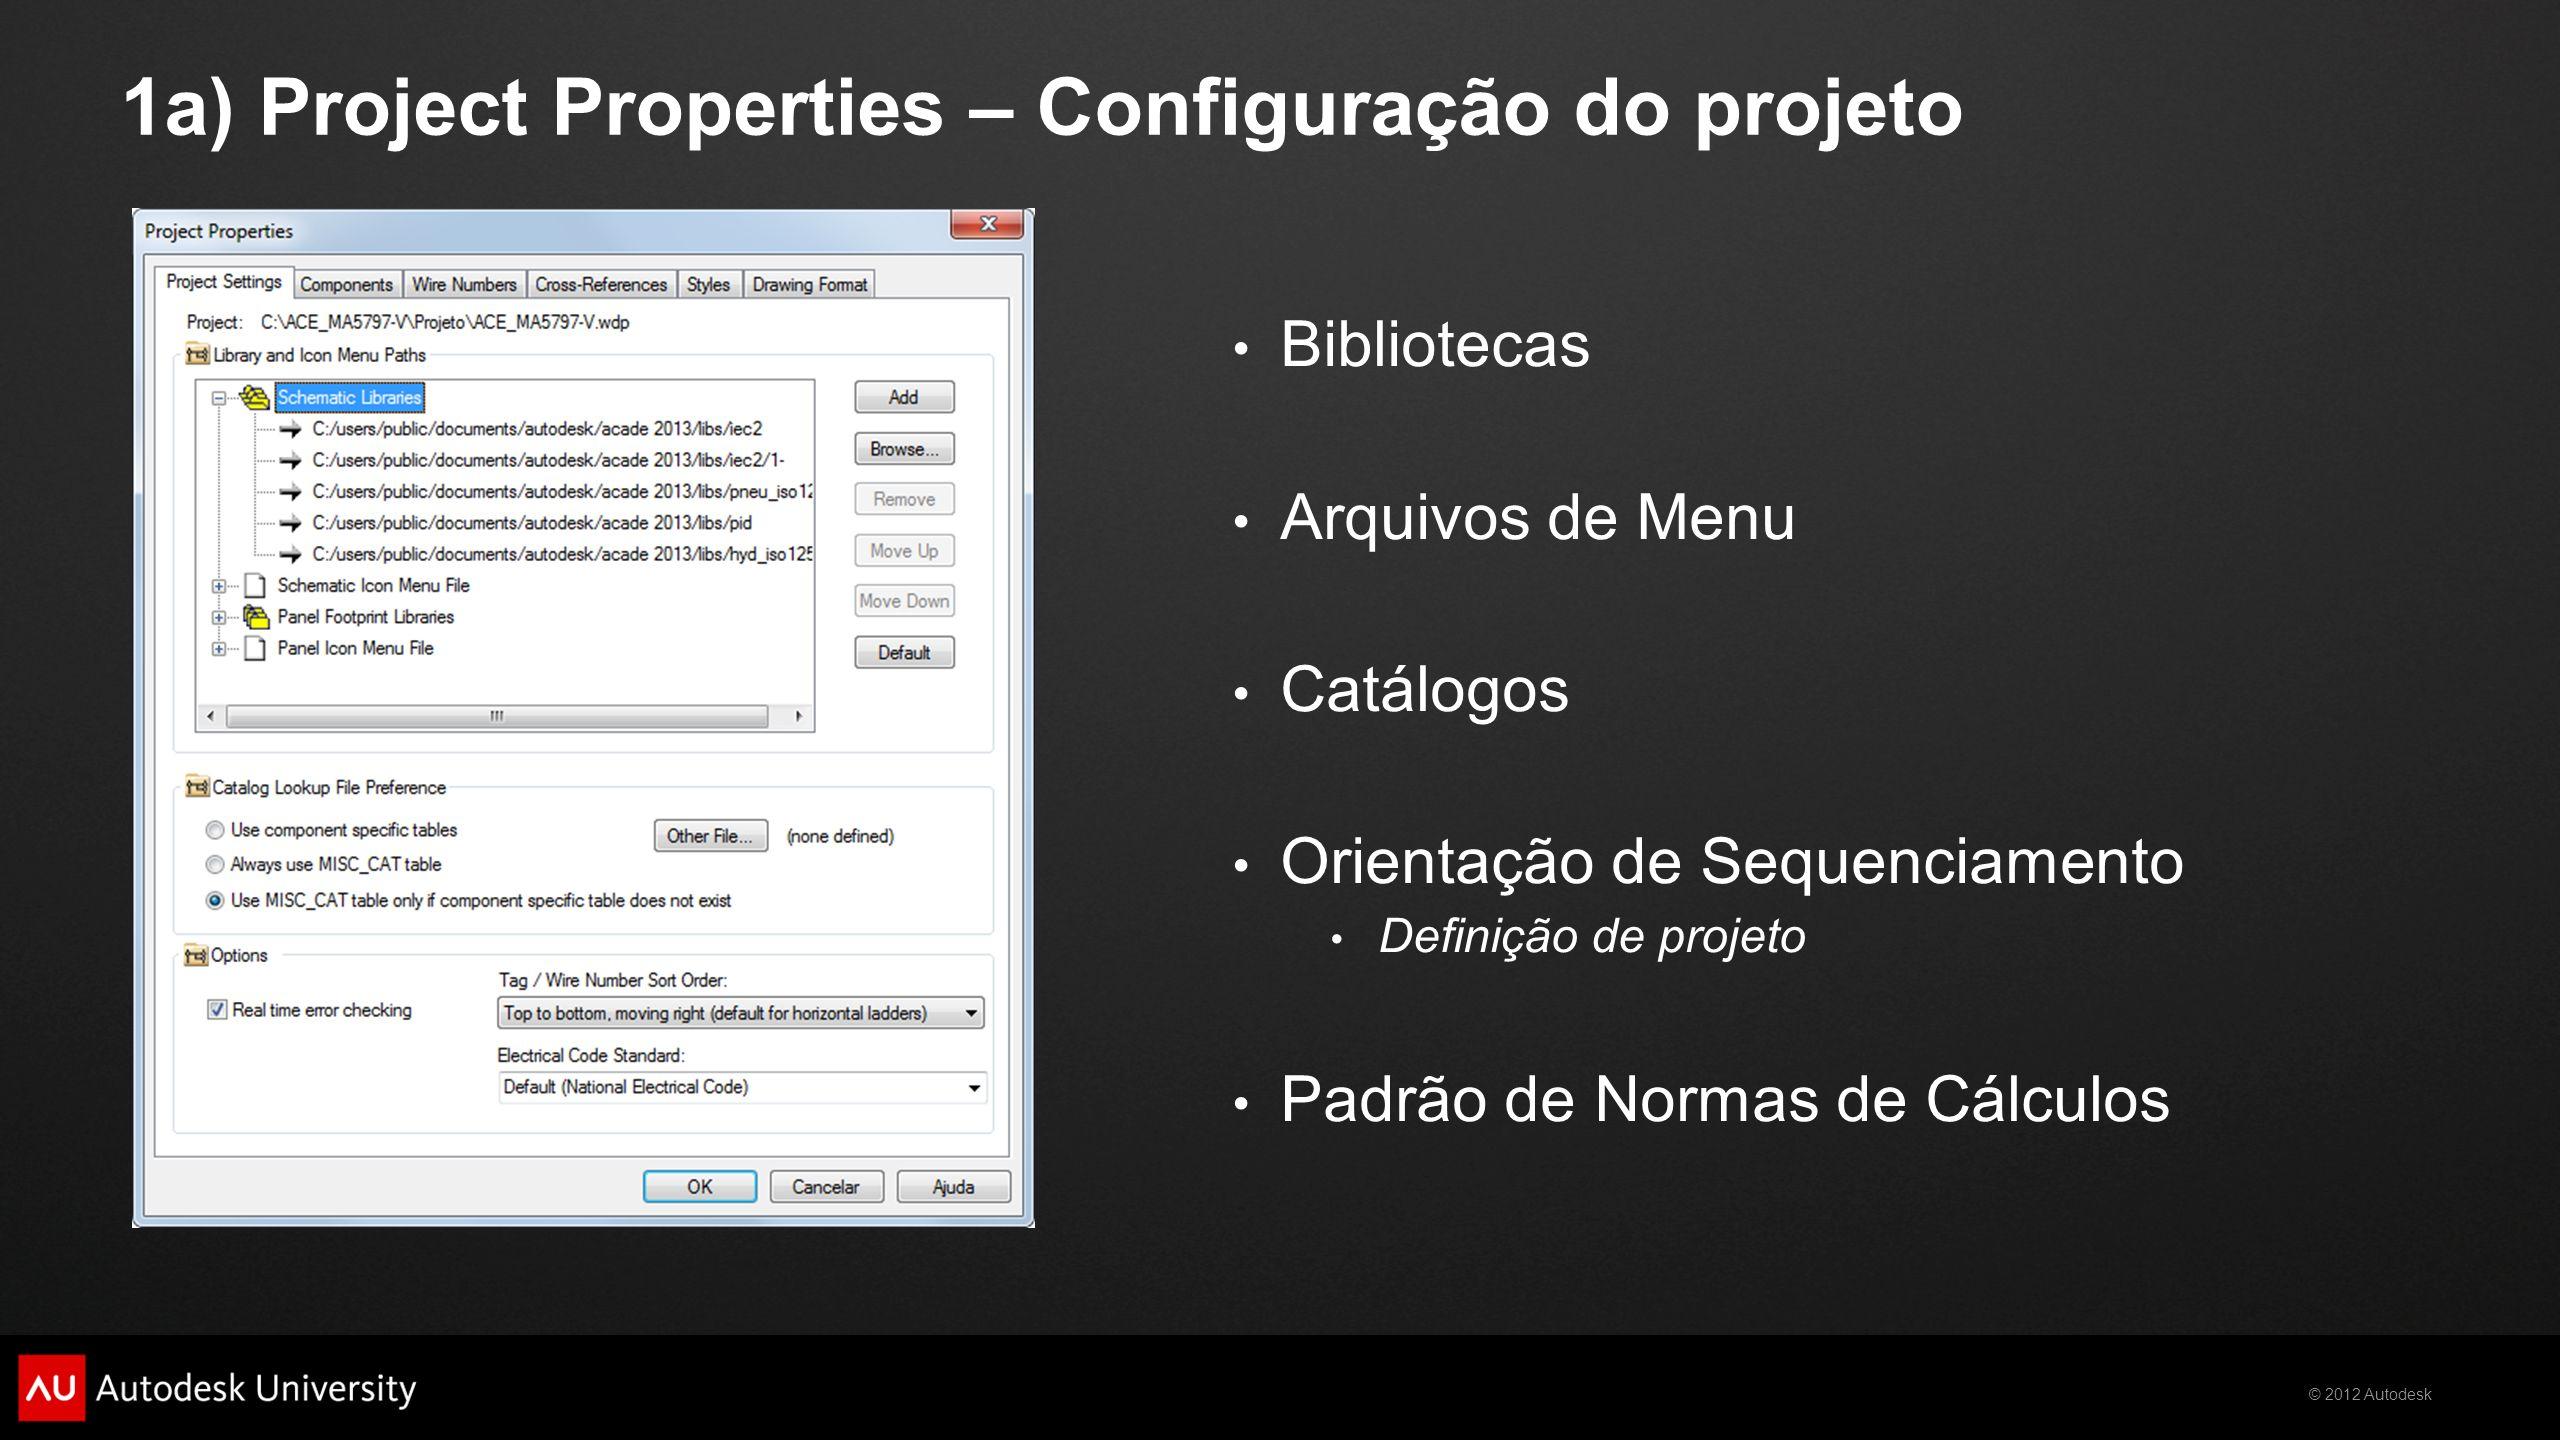 1a) Project Properties – Configuração do projeto